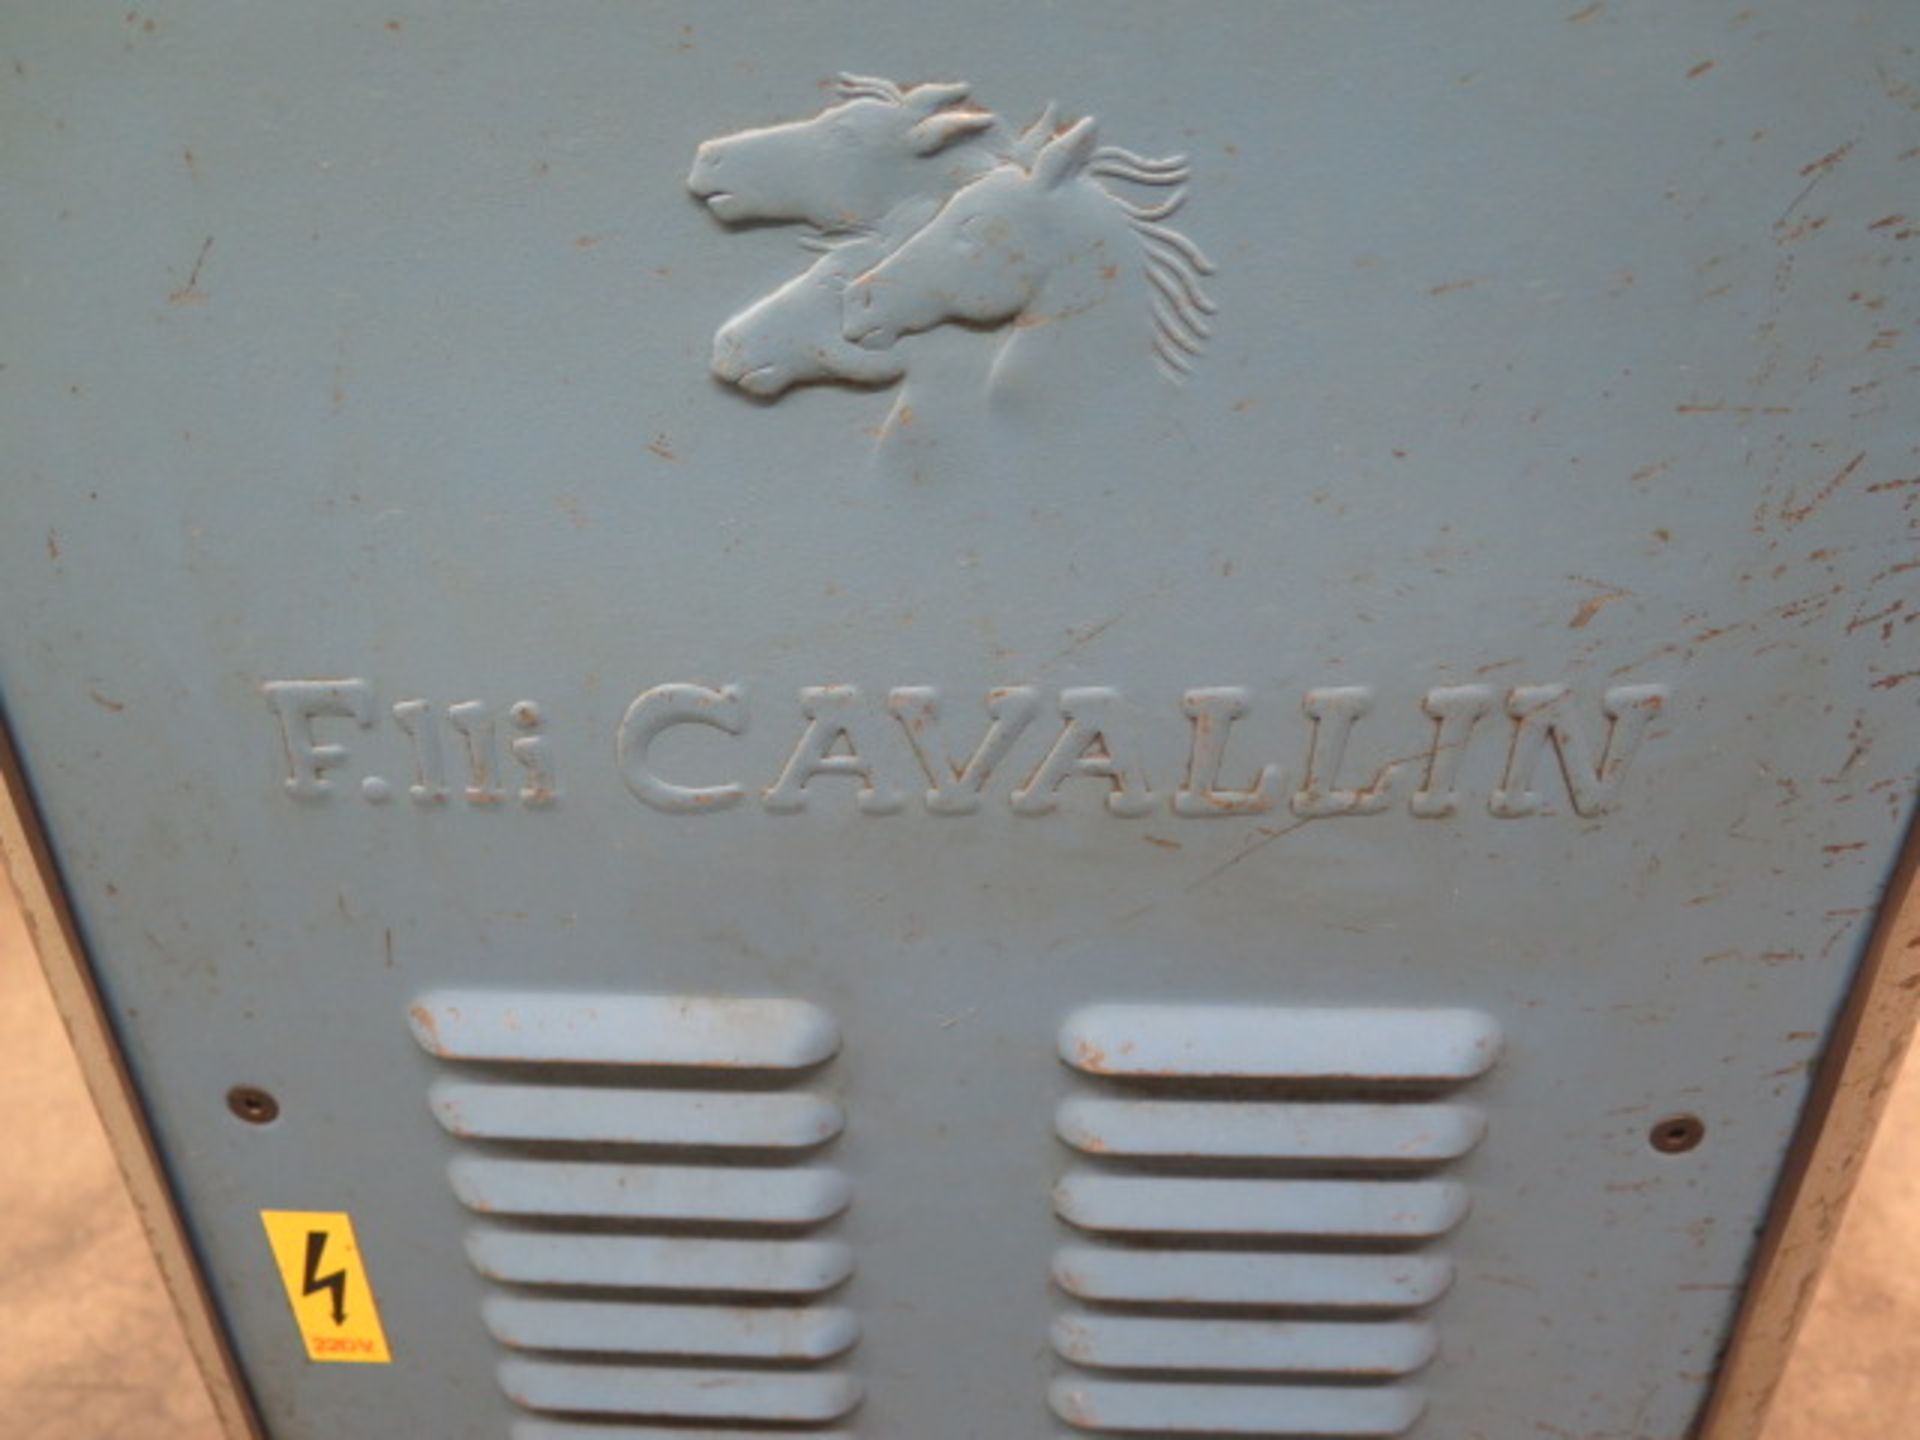 """F.LLi Cavallin mdl. MG20 8"""" Rolling Mill w/ Water Cooled Rolls - Image 4 of 9"""